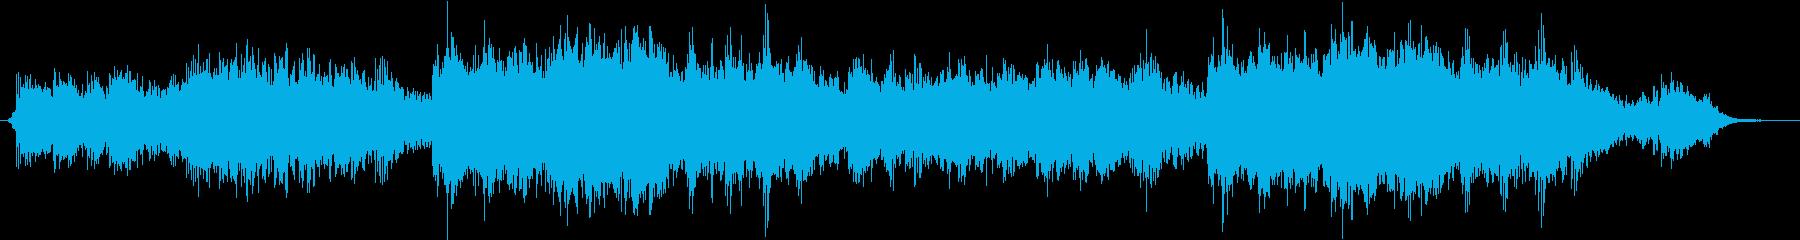 柔らかく美しいアンビエントの再生済みの波形